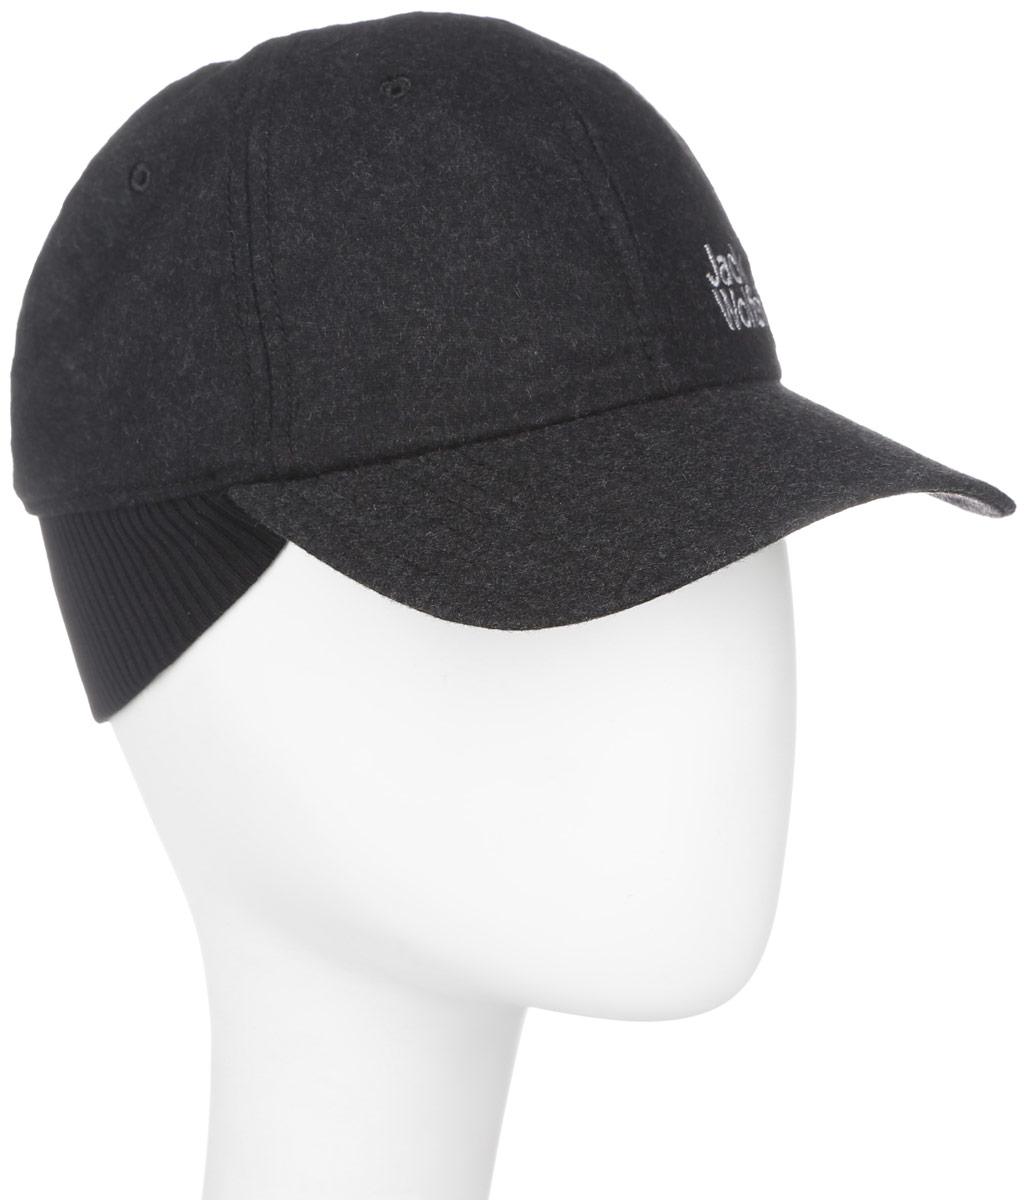 Бейсболка Jack Wolfskin Base Ear Cap, цвет: темно-серый. 1905251-6350. Размер 57/601905251-6350Прочная зимняя бейсболка Jack Wolfskin с защитным элементом для шеи. Прочность и функциональность для холодных дней: плотная и легко согревающая BASE EAR CAP из шерстяной фланели.Для дополнительной защиты от холода шапка дополнена подкладкой из мягкого микрофлиса. Раскладной защитный элемент для шеи защищает от сквозняка и холодного ветра. Модель оформлена логотипом бренда. Зимняя бейсболка не только теплый головной убор, но и изящный аксессуар. Она подчеркнет ваш стиль и индивидуальность!